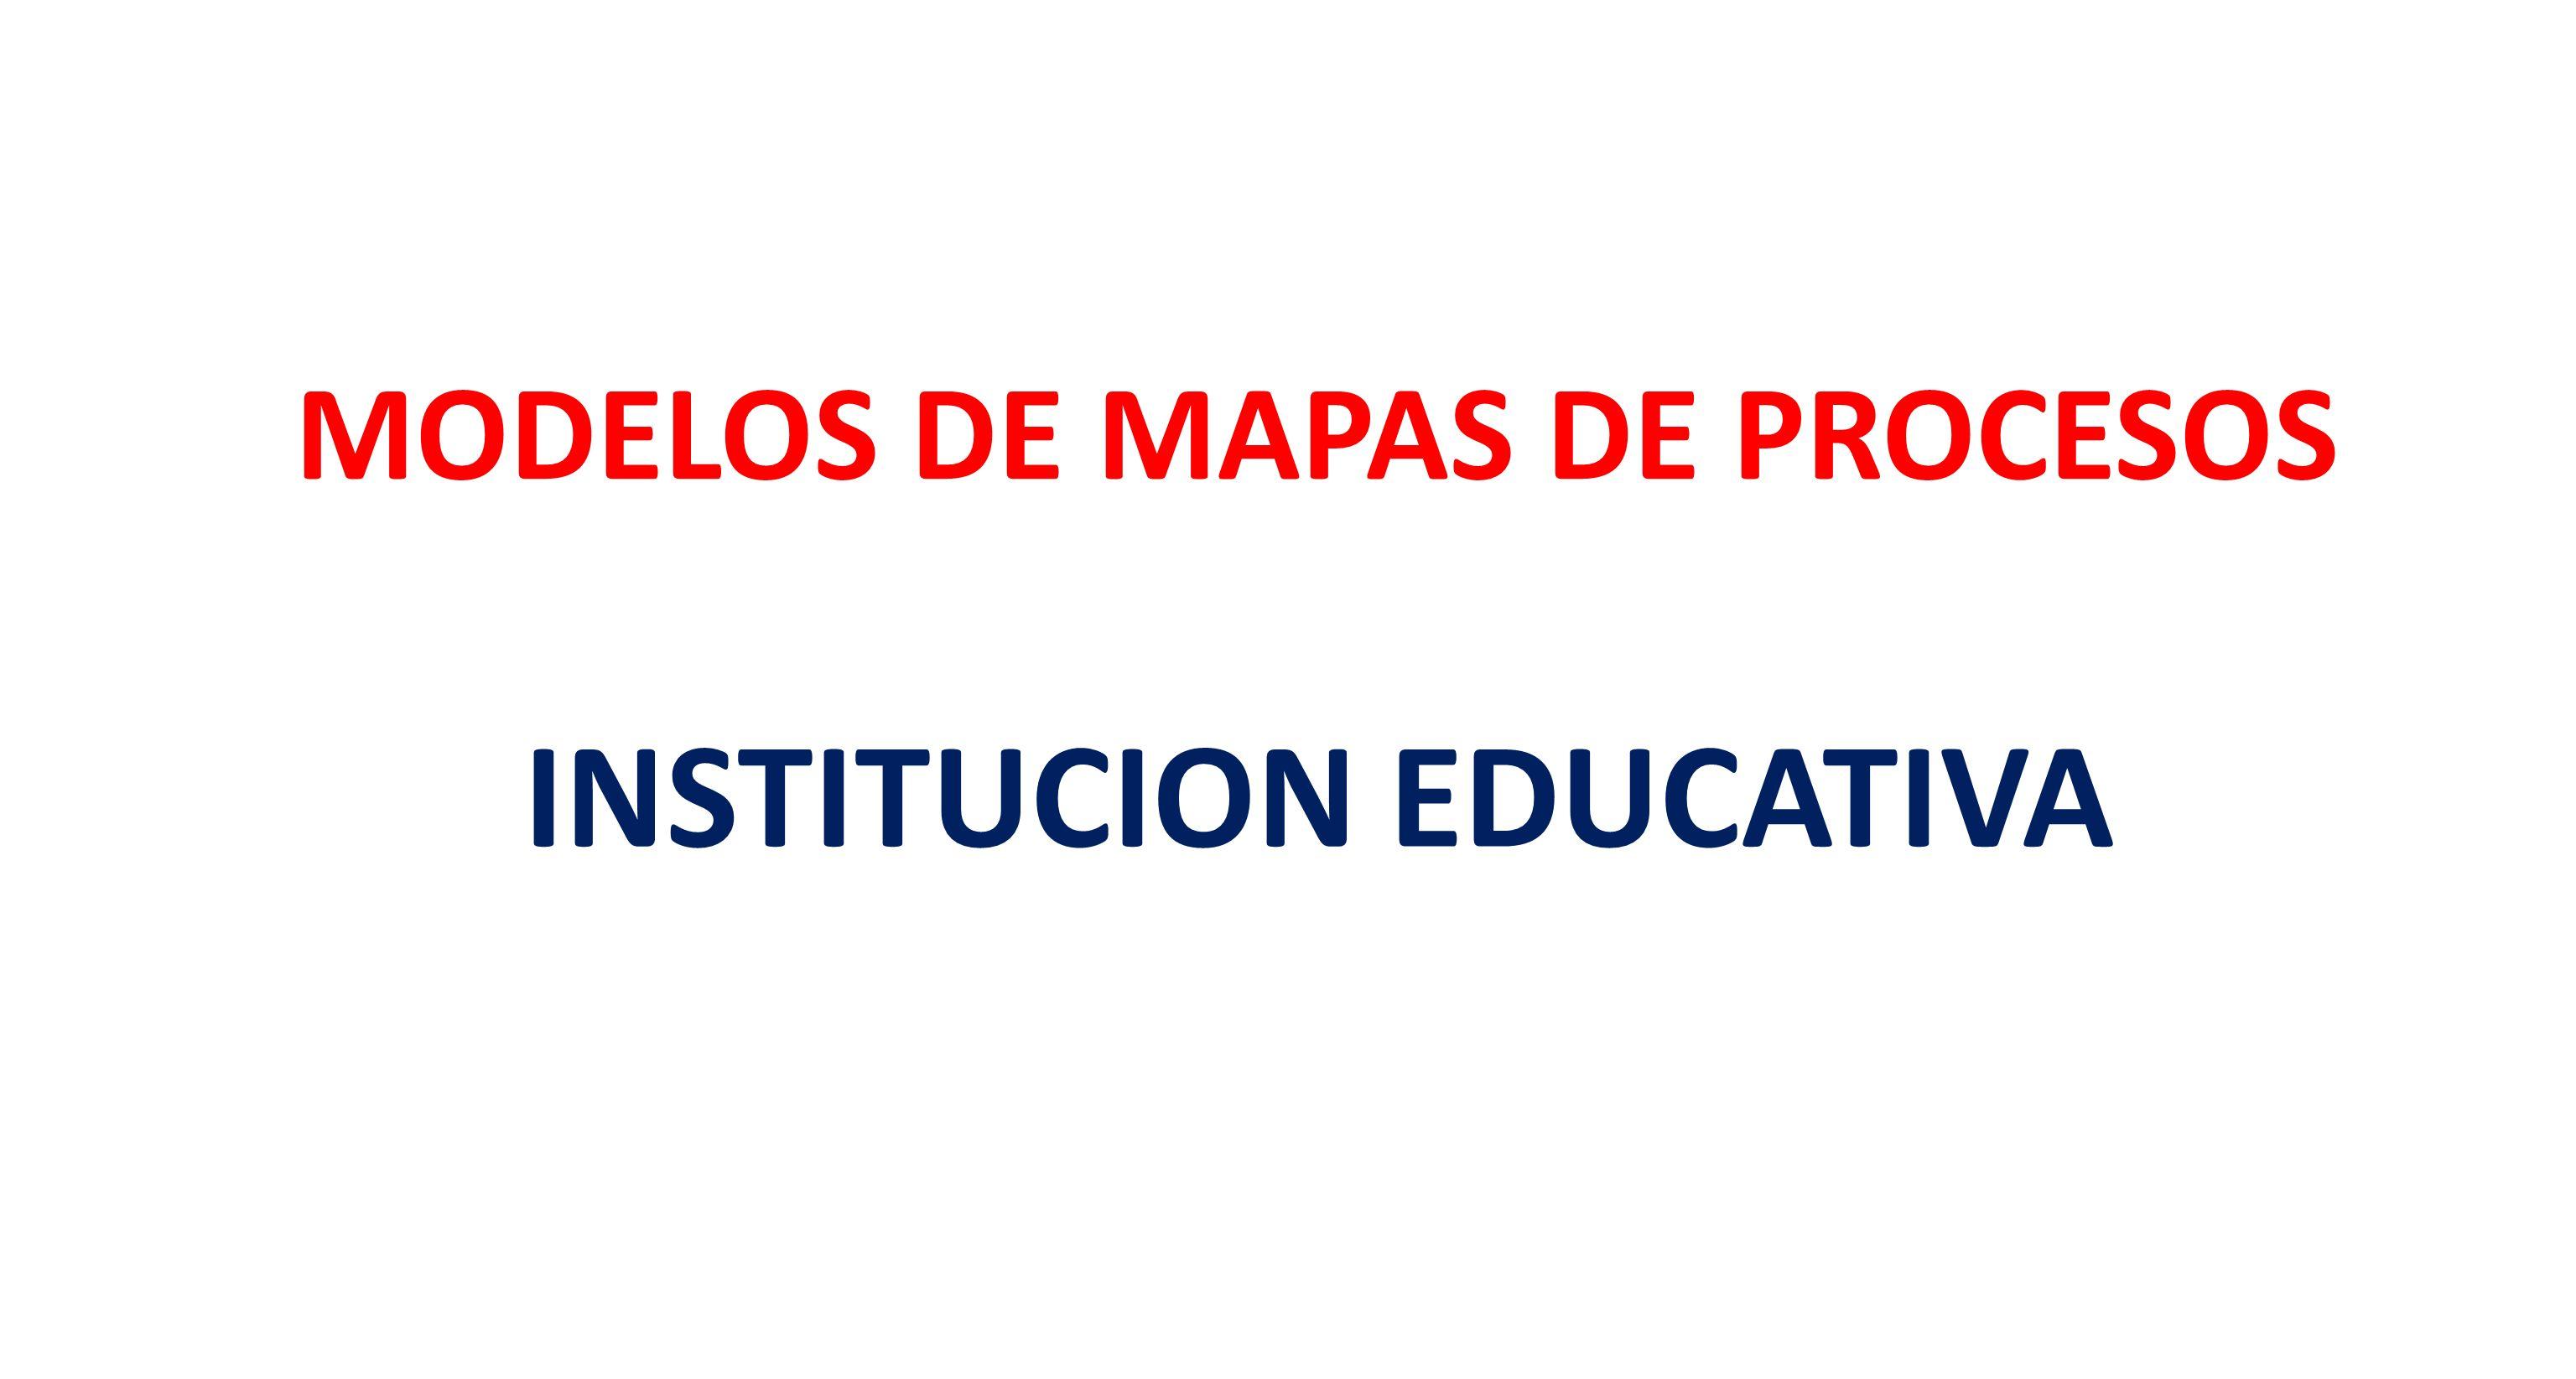 Mapa estratégico: Gestión Social P.1 Brindar escenarios participativos donde la comunidad interactúe y genere propuestas de acción en pro de la sostenibilidad del SITM P.3 Realizar procesos de acompañamiento a la comunidad impactada por la construcción e implementación del SITM- MIO.